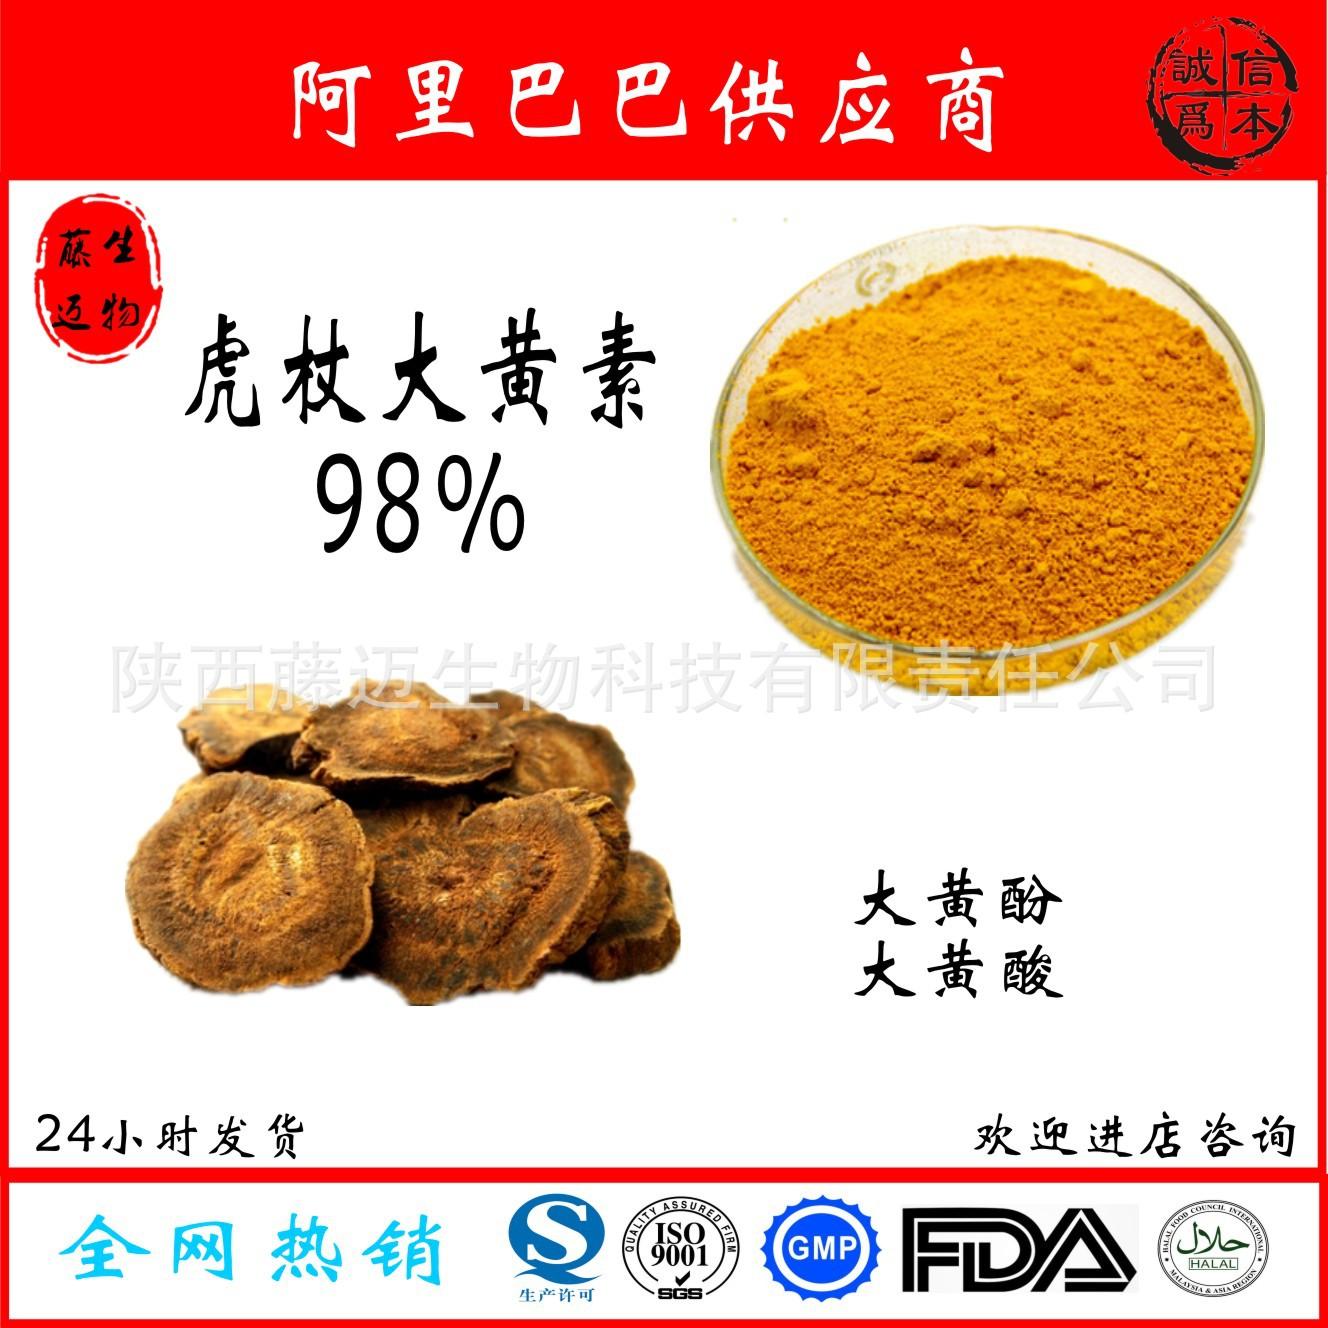 大黄素甲醚 纯天然植物99%大黄提取物 大黄素